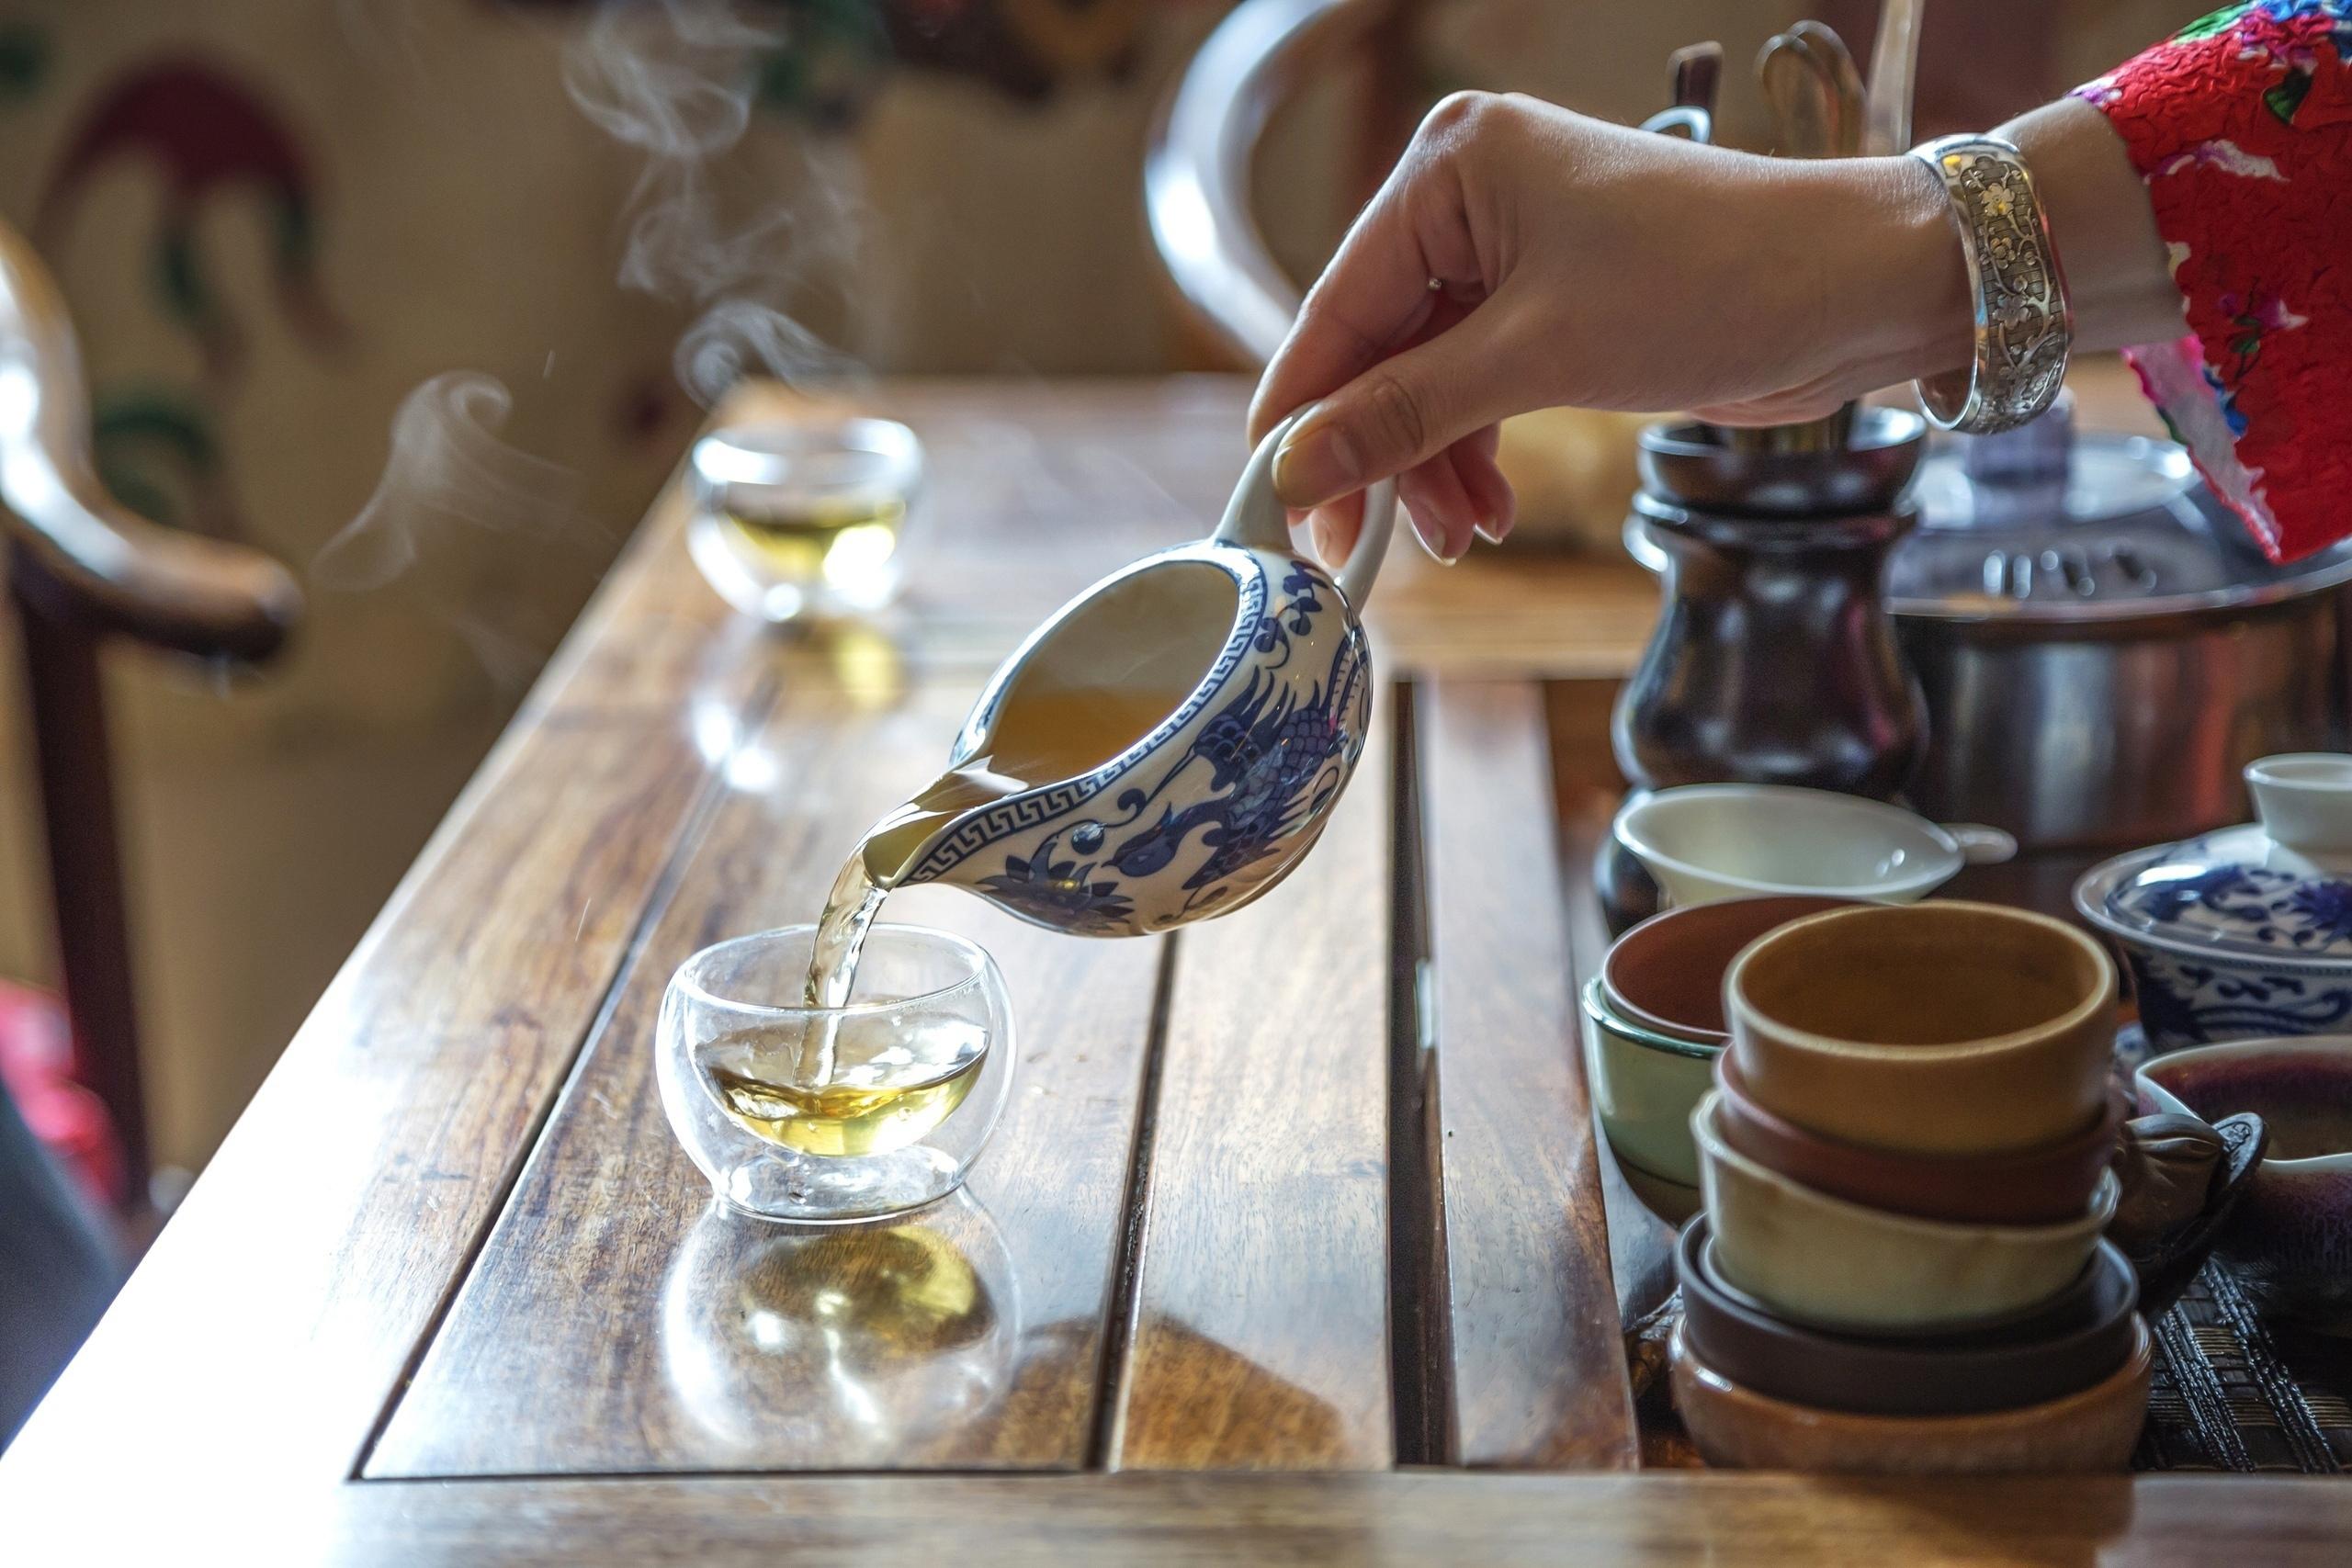 Дарья Истомина, владелица магазина «Чайный Садик», написала